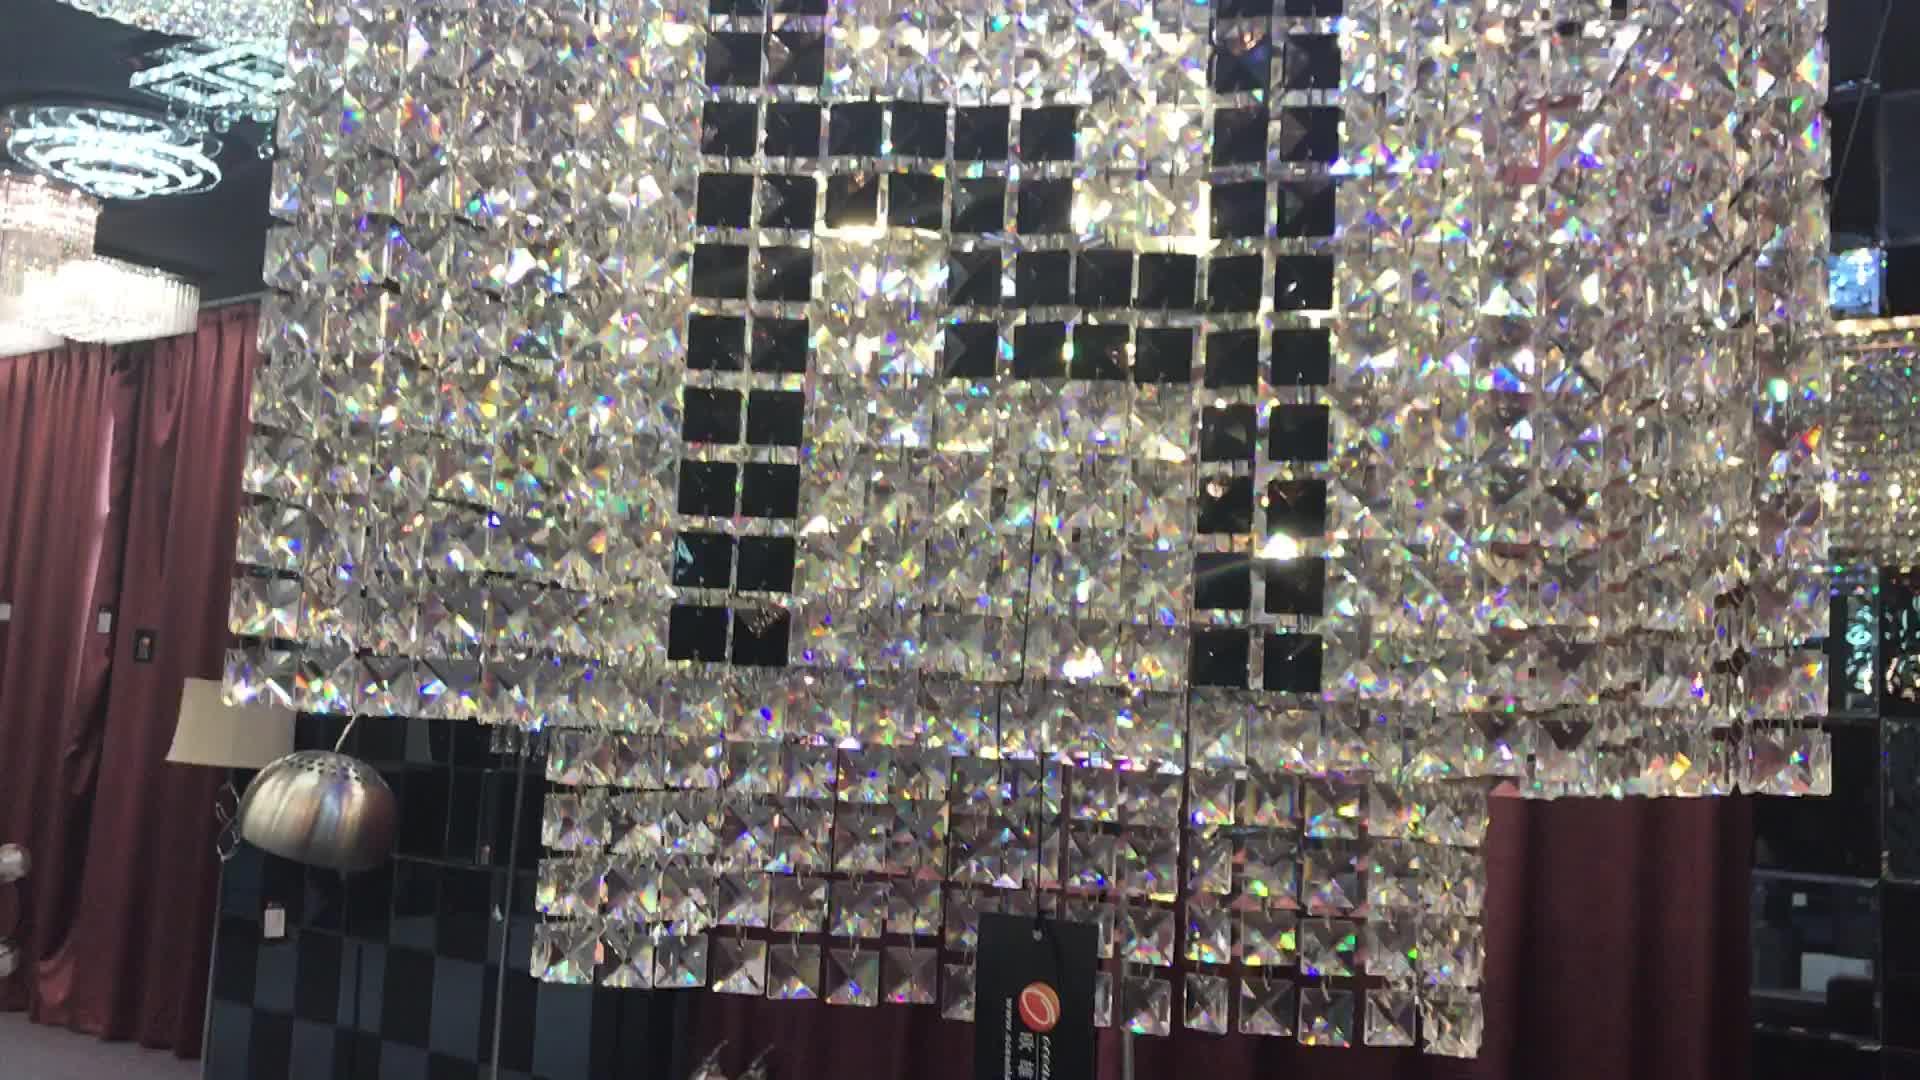 حار بيع الكريستال ضوء السقف الحديثة ديكور الإضاءة المعيشة غرفة Plafond مصباح مع CE بنفايات OM88443